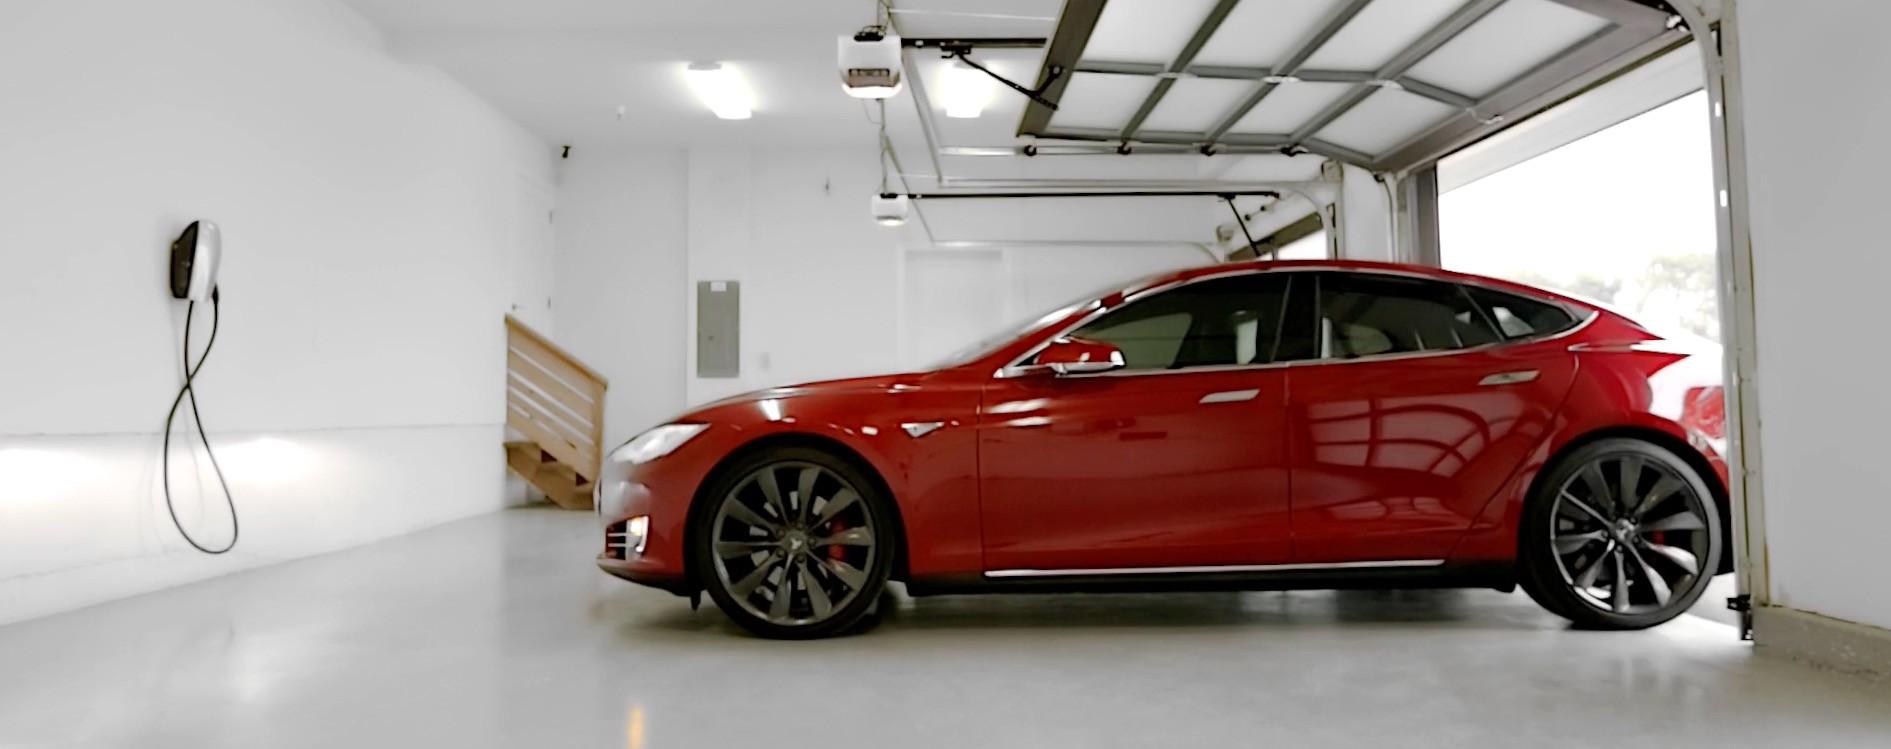 Tesla autopilot explained the most advanced self driving for Mercedes benz autopilot